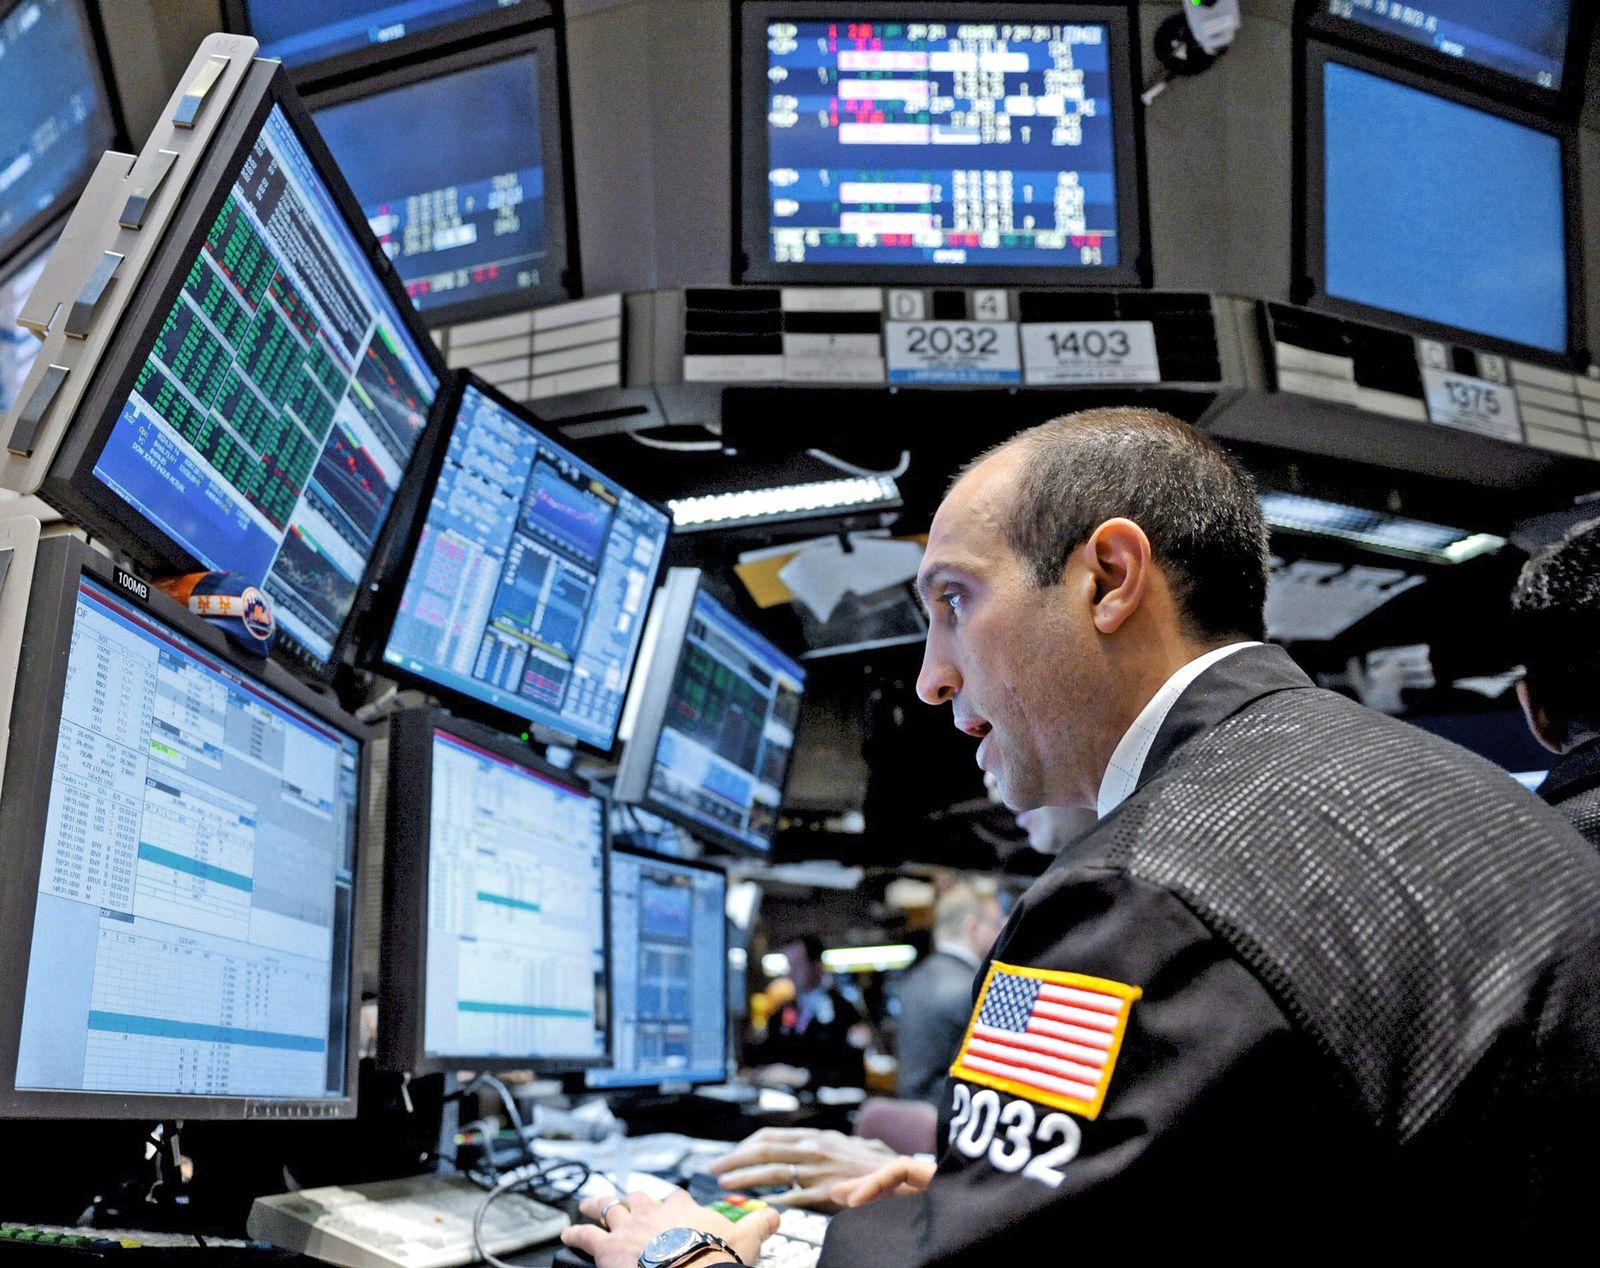 US-Börse in New York